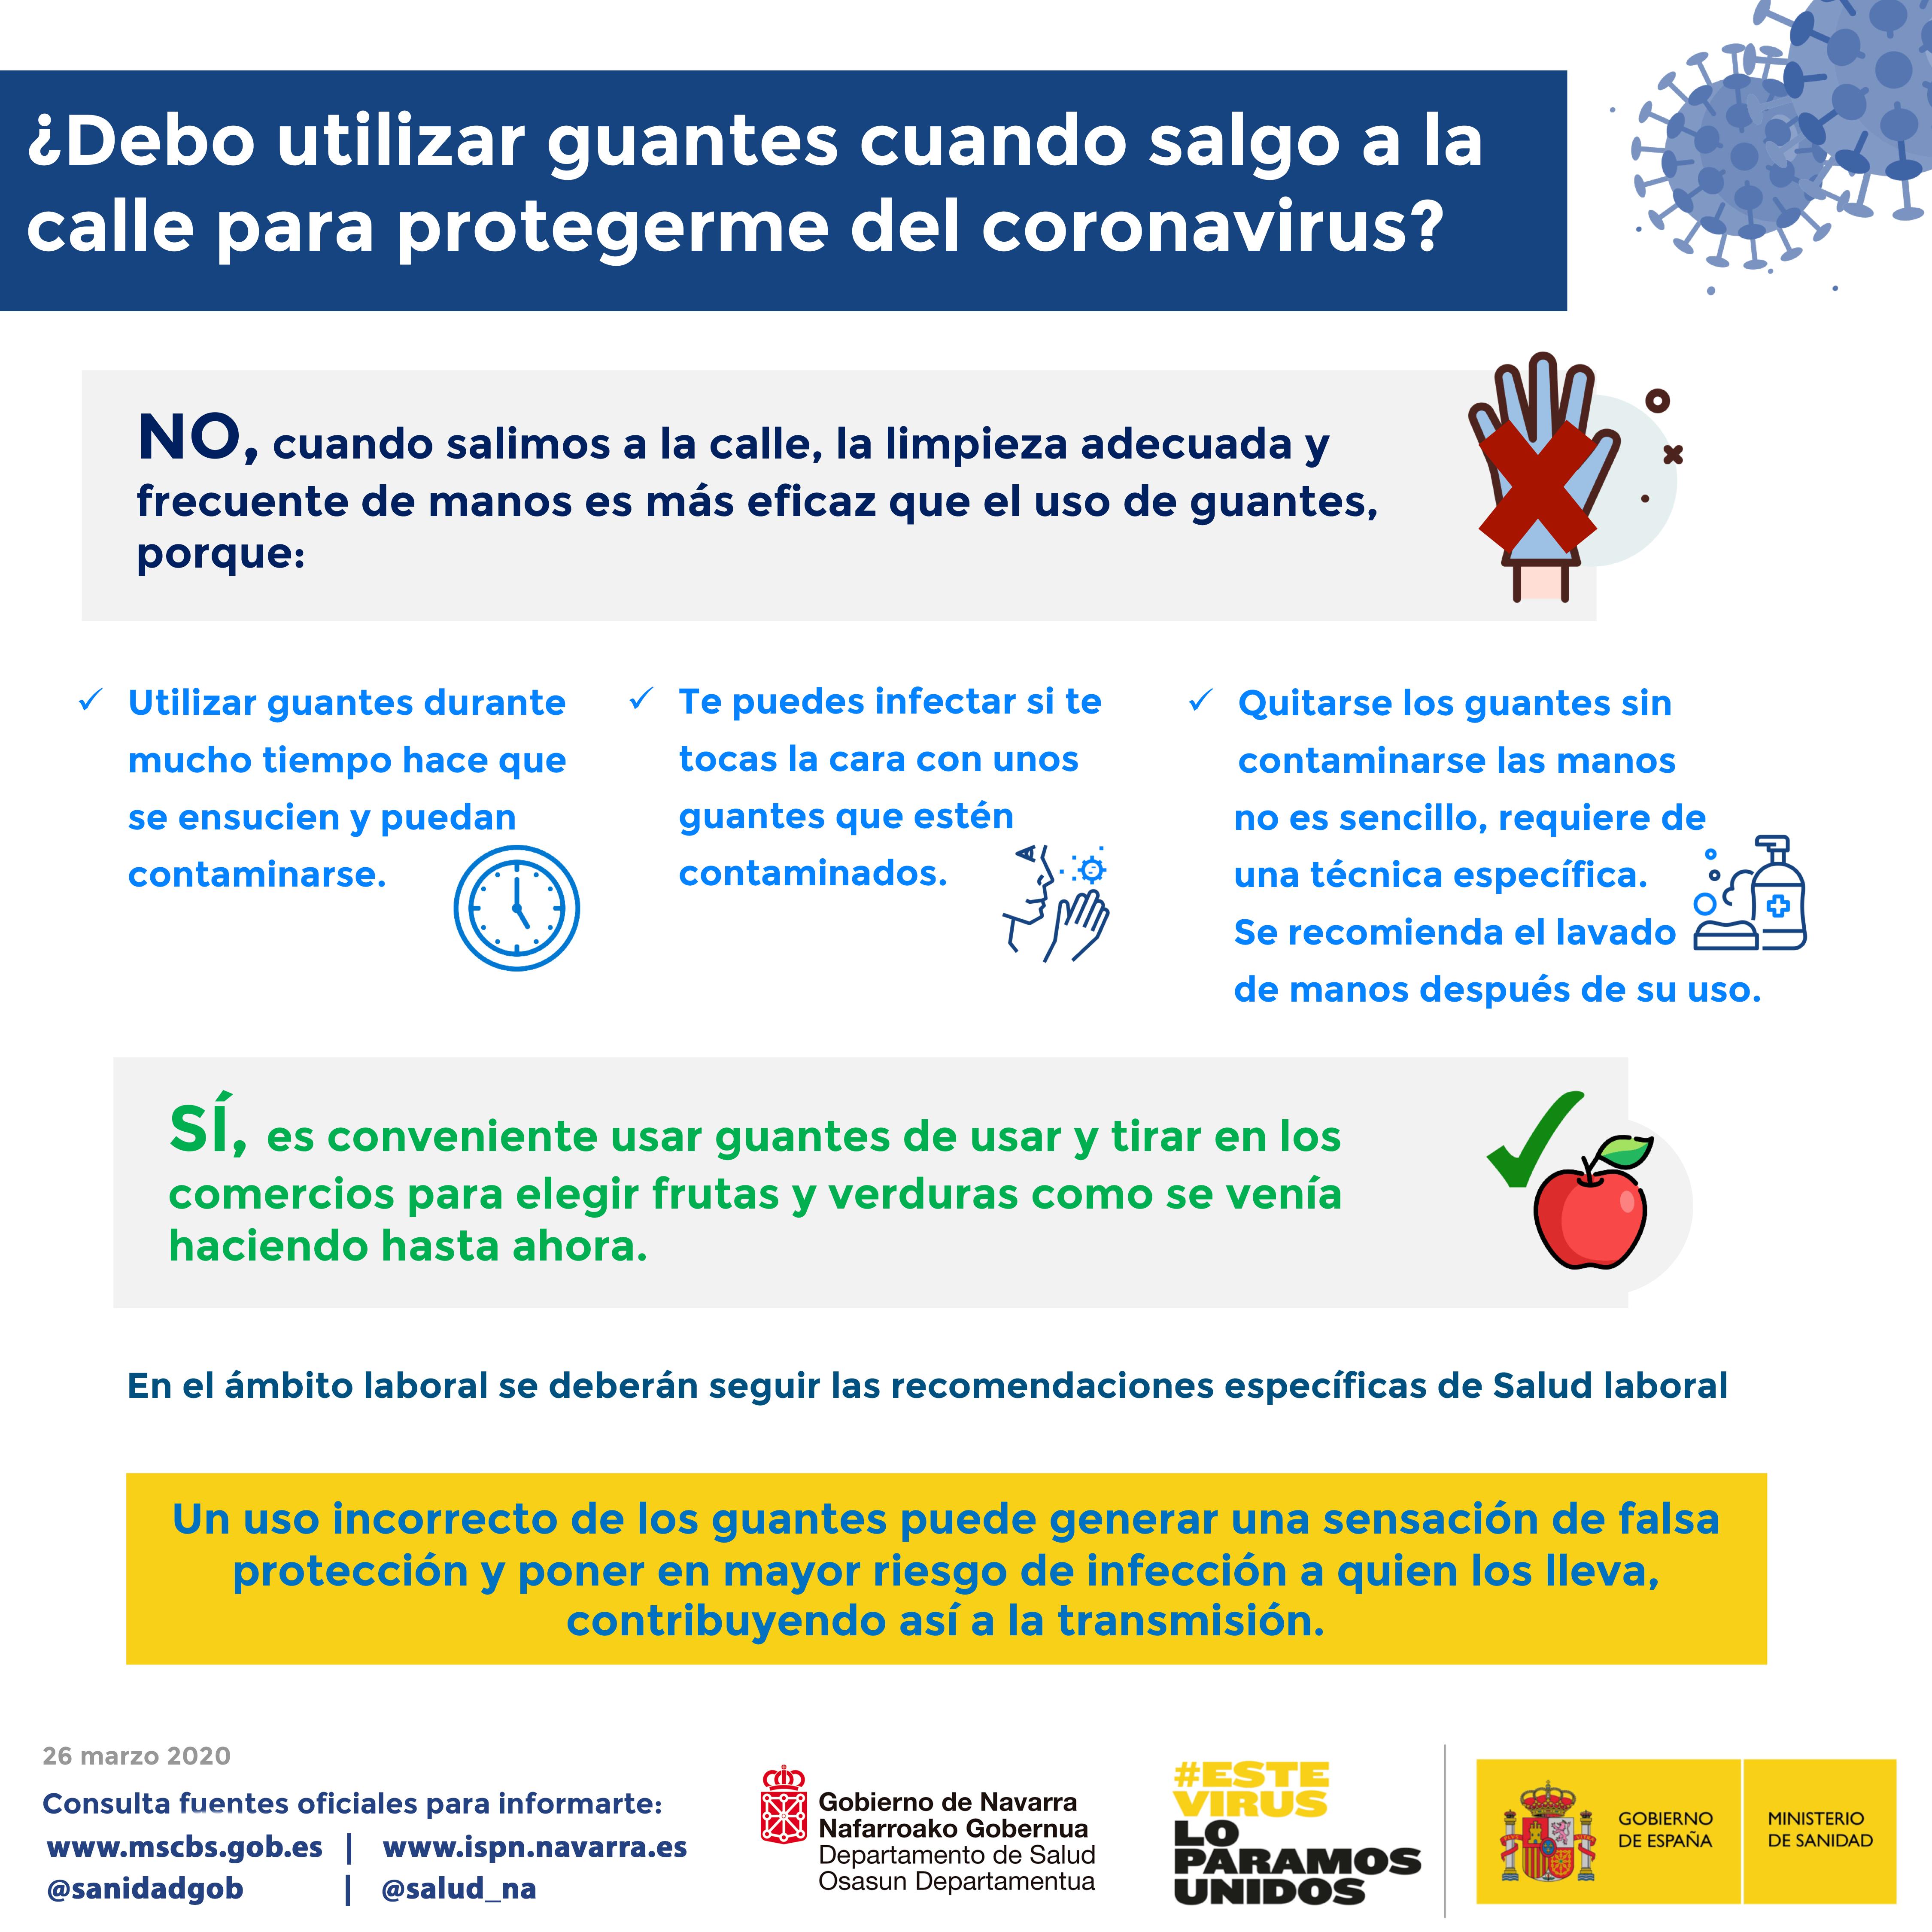 Salud aconseja a la población en general el lavado adecuado y frecuente de manos frente al uso de guantes